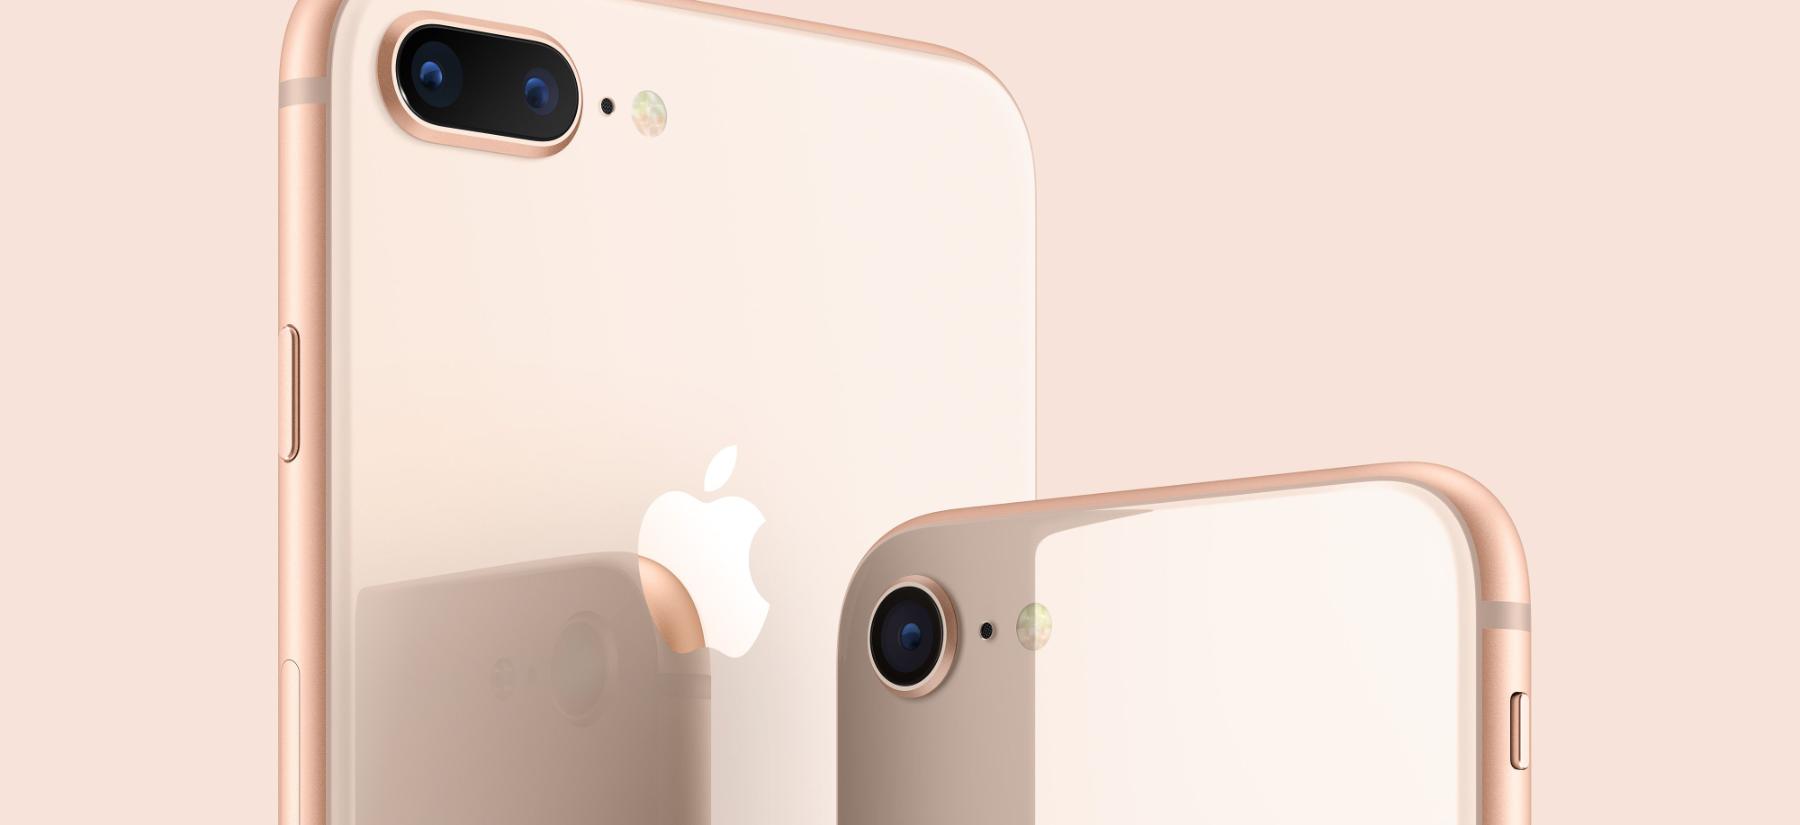 Ez duzu iPhone berririk erosi behar.  iSpot-ek eta Cortland-ek bateria 149 PLN ordezkatuko dute